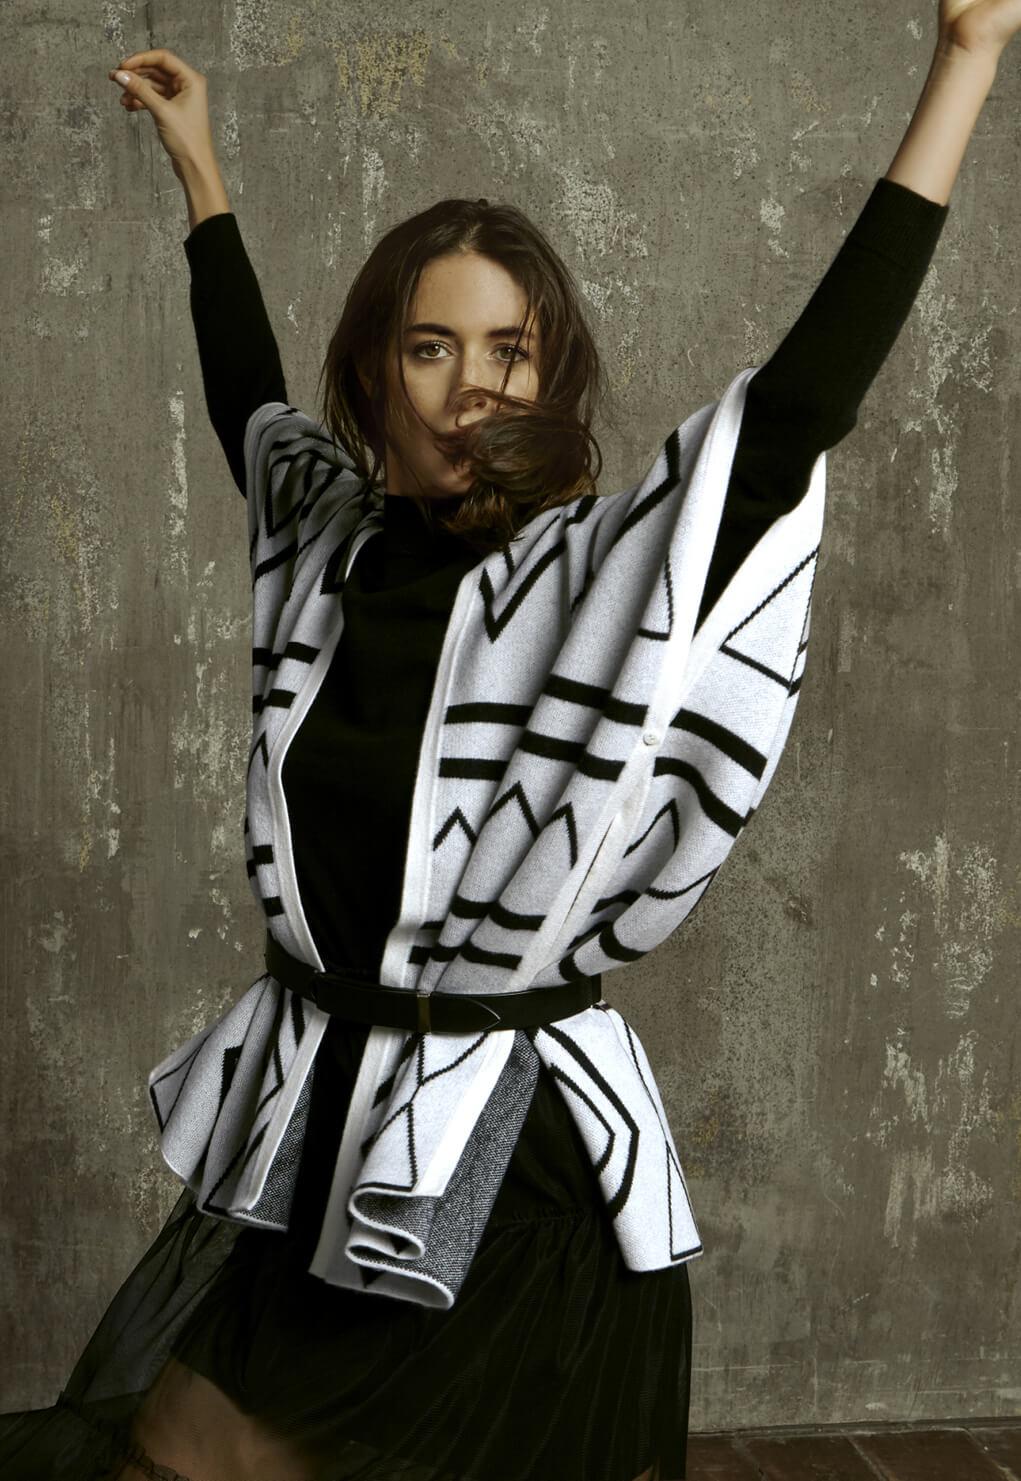 Duca di San Giusto cashmere Mirko Burin Fashion stylist 2